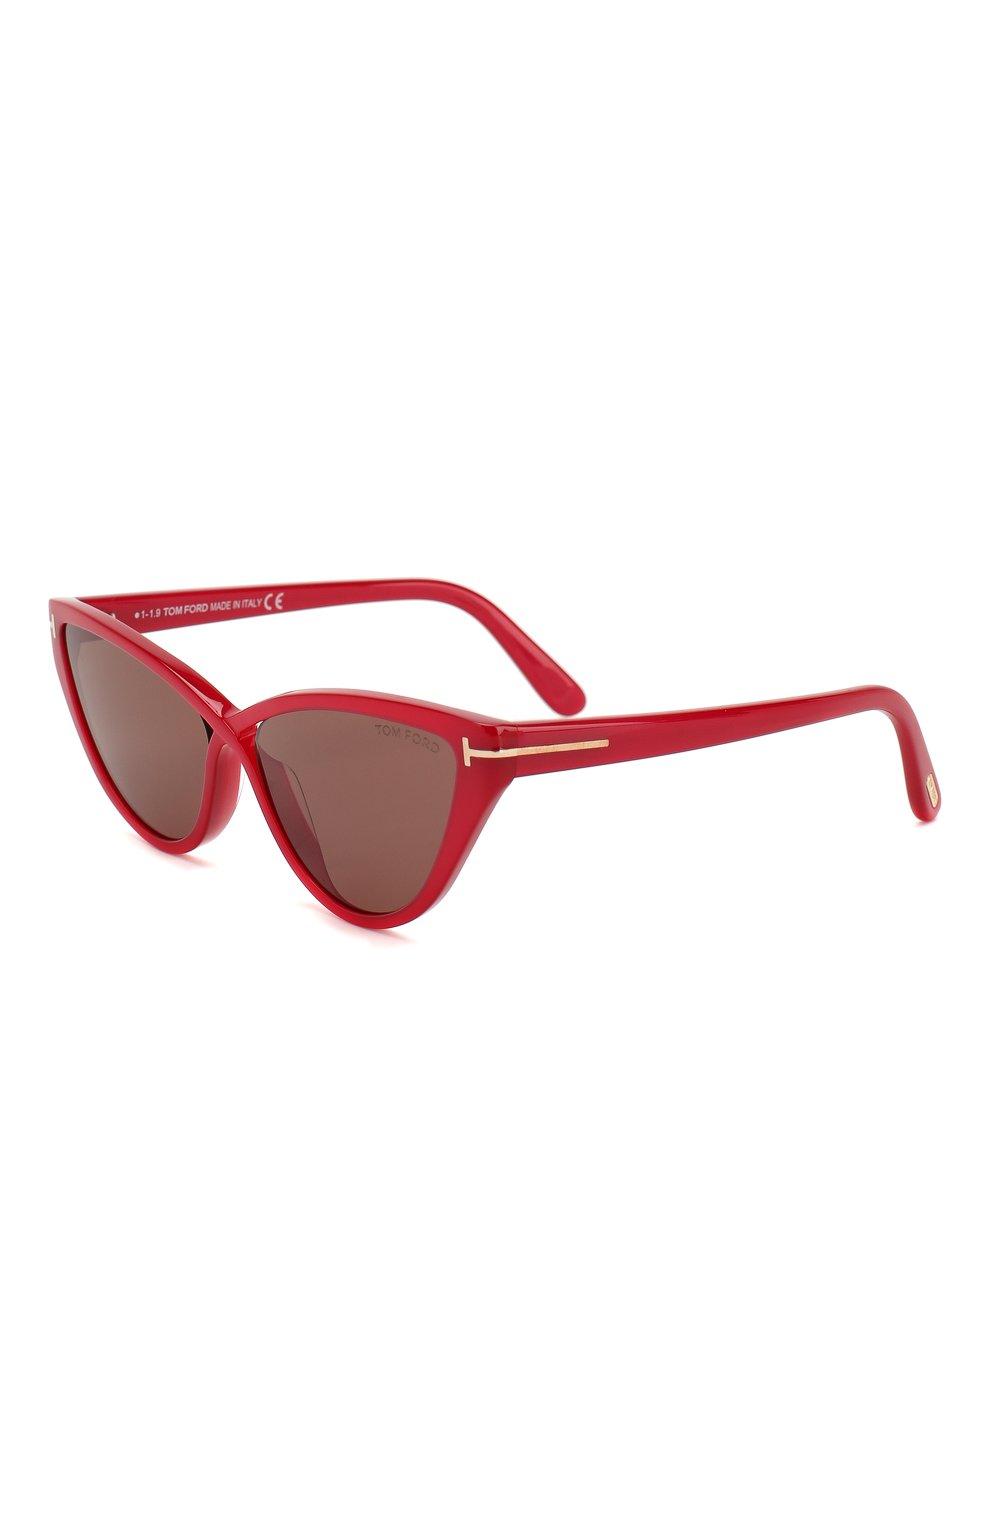 Женские солнцезащитные очки TOM FORD красного цвета, арт. TF740 | Фото 1